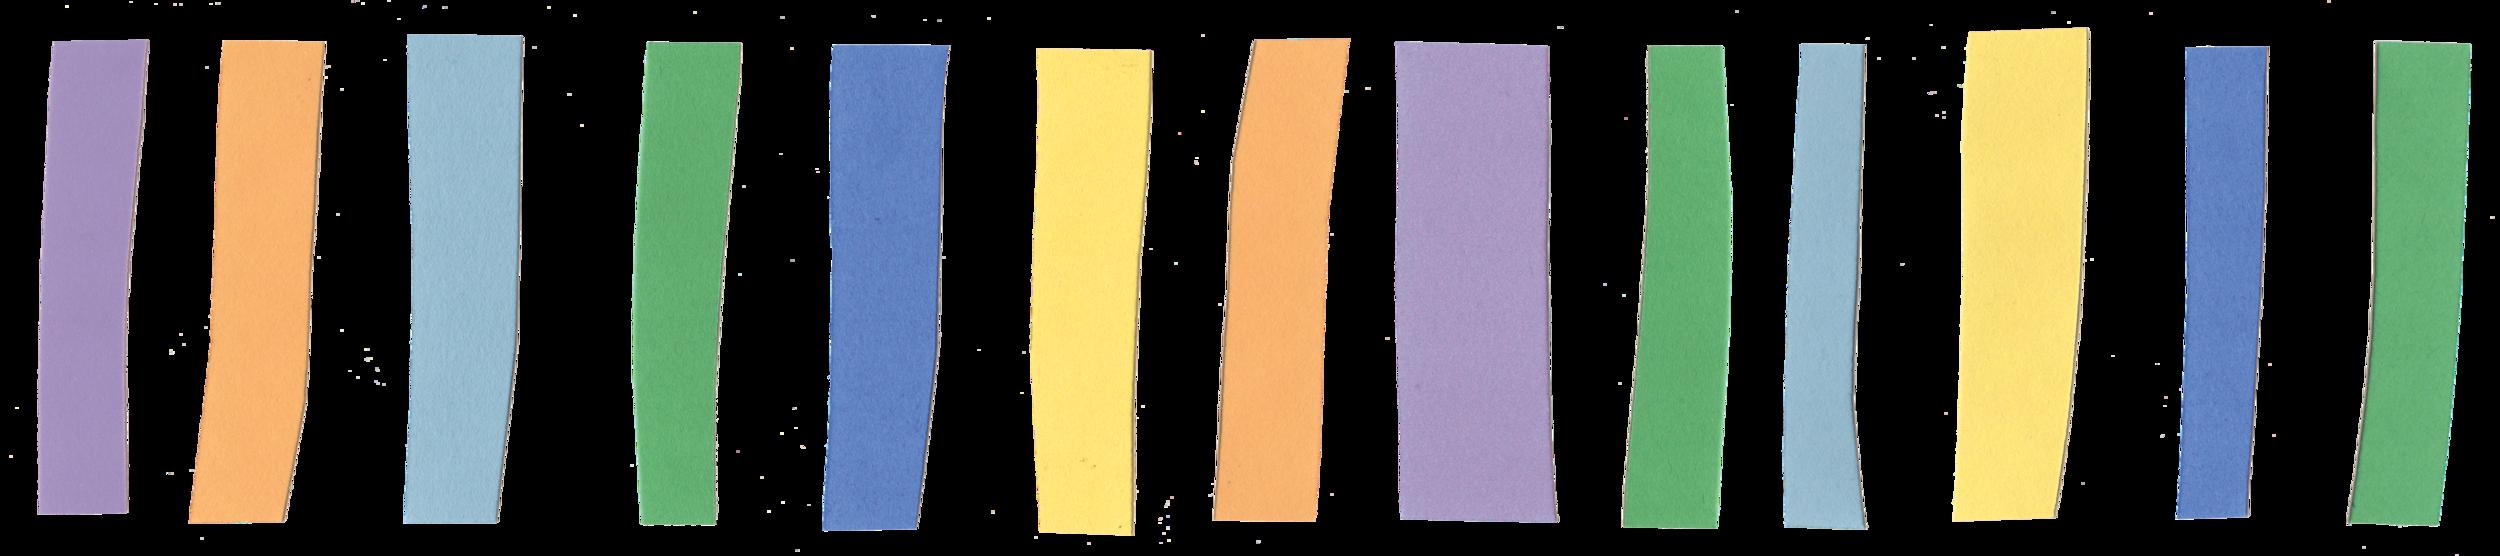 color_bars_A.png